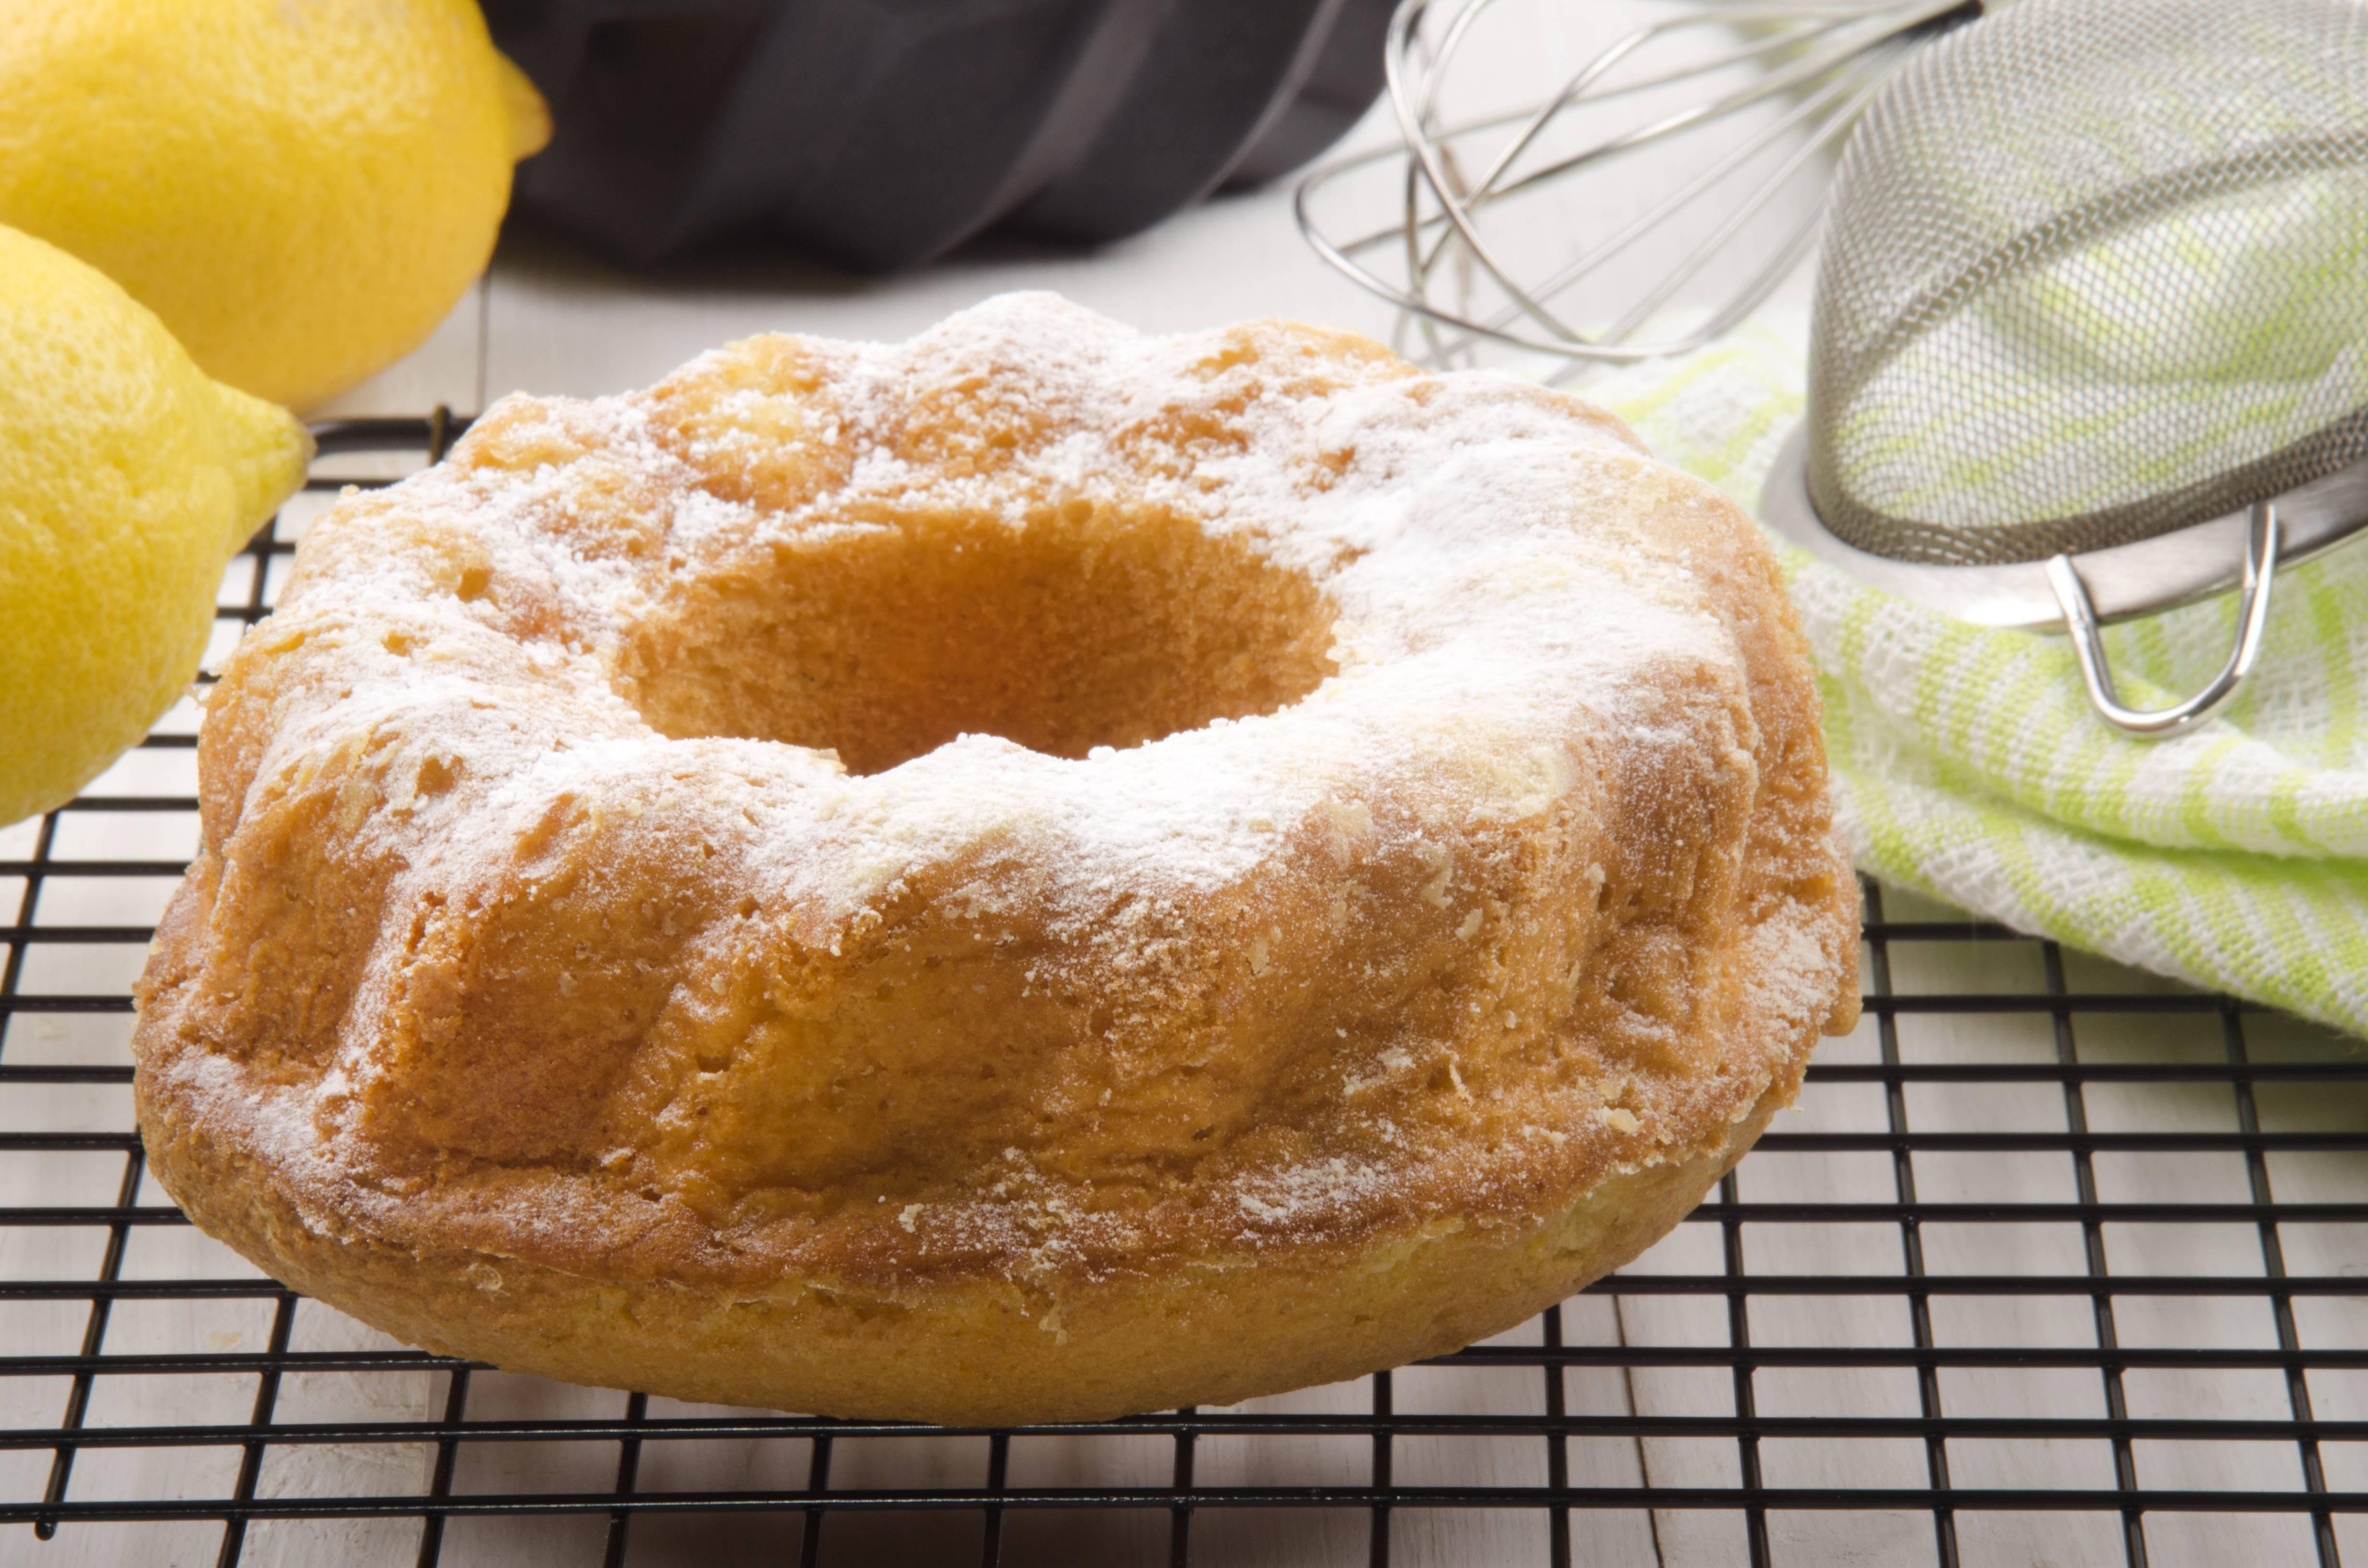 Torta Al Limone Senza Uova Latte E Burro Ricette Di Checucinoit